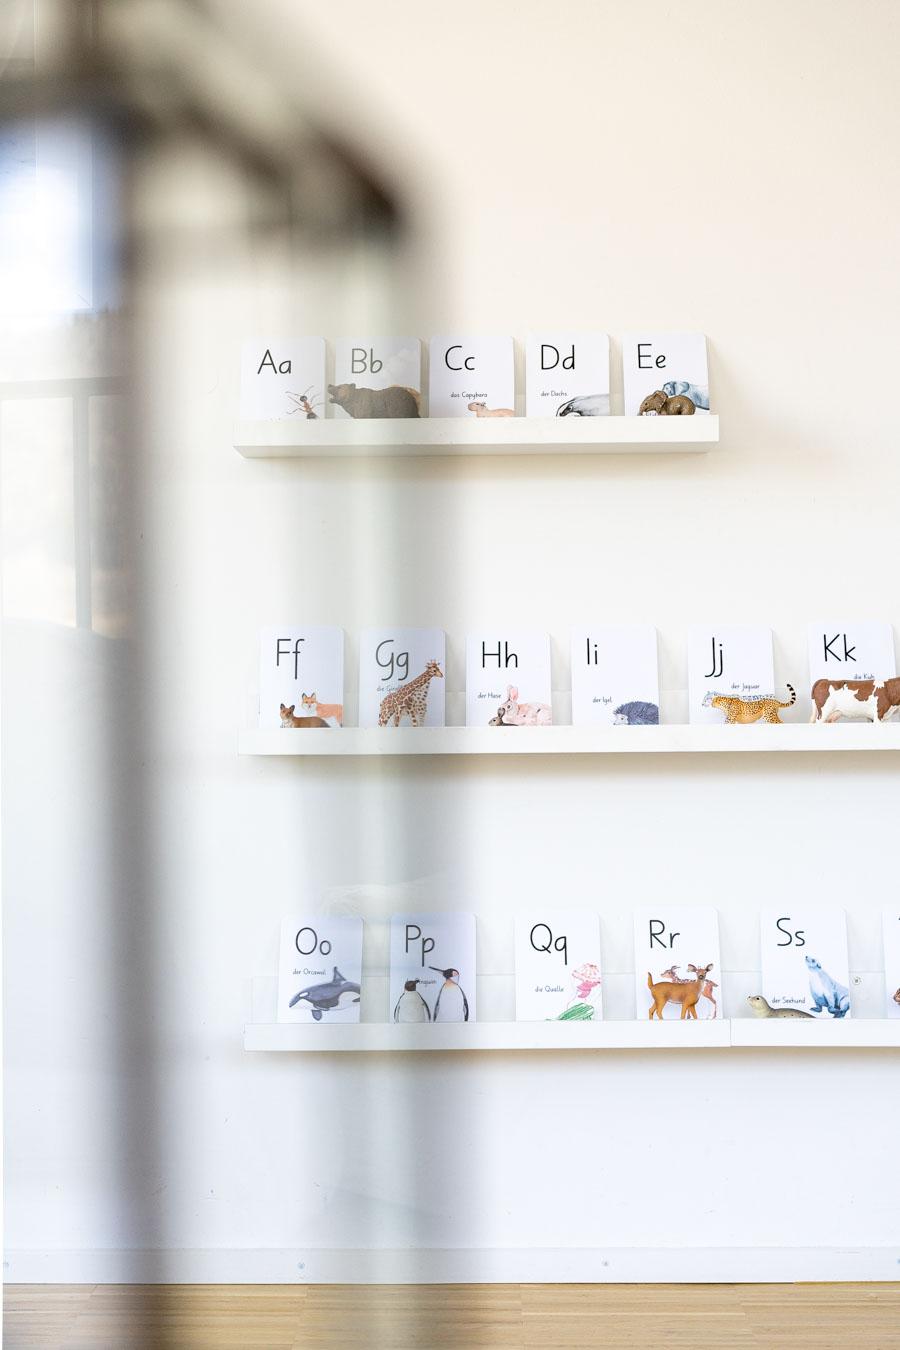 Eine Spielidee für die Sprachentwicklung: Buchstaben und Tiere zuordnen